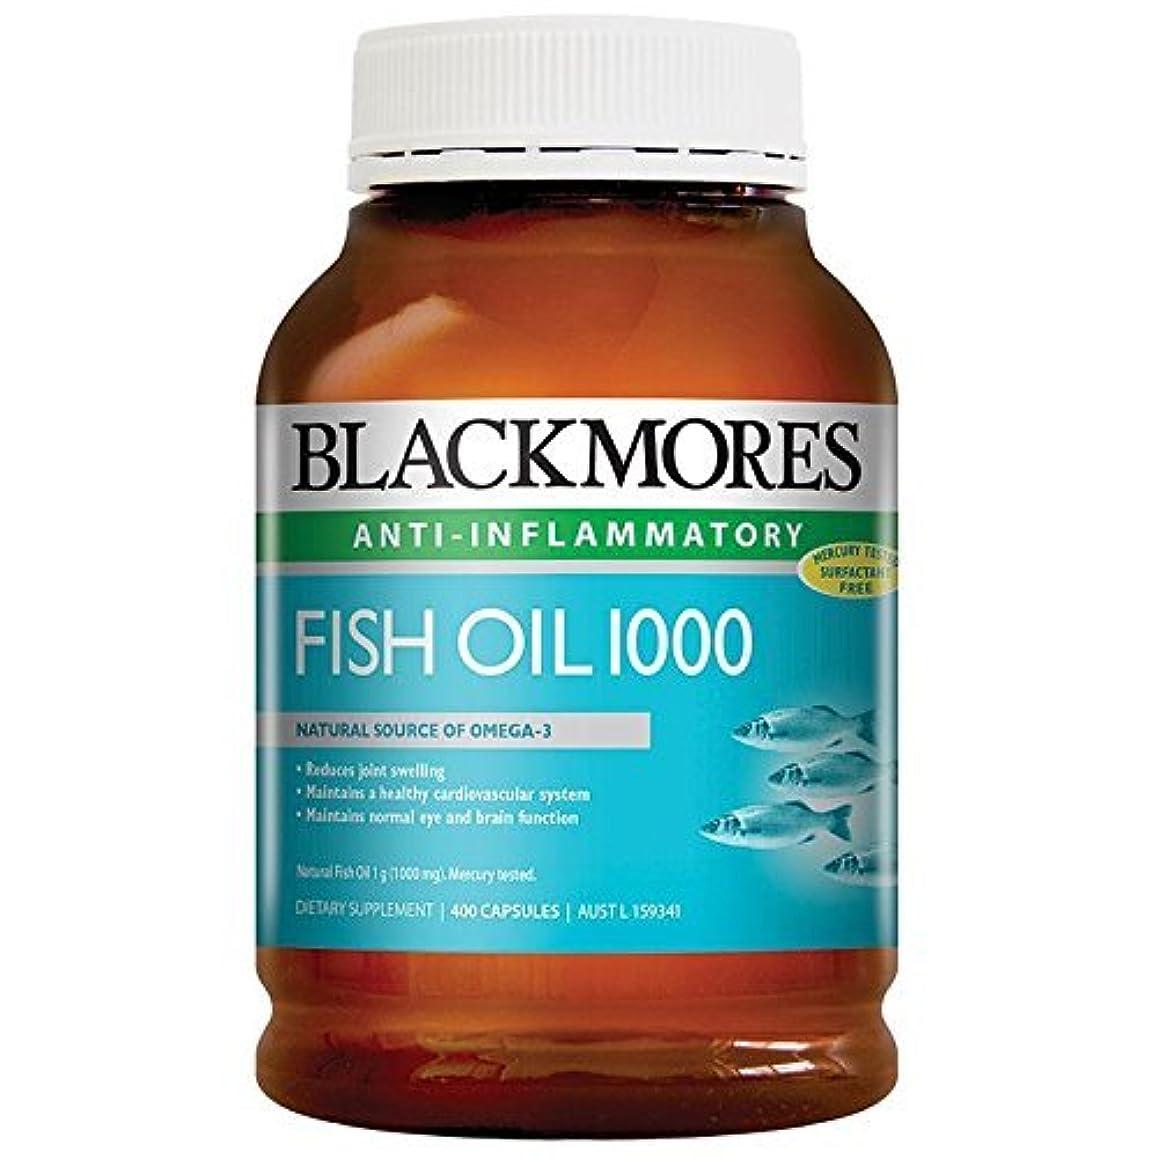 地平線記念碑的なケーブルカーBlackmores Fish Oil 400 Caps 1000 Omega3 Dha, EPA Fatty Acids with 1pcs Chinese Knot Gift by Blackmores LTD